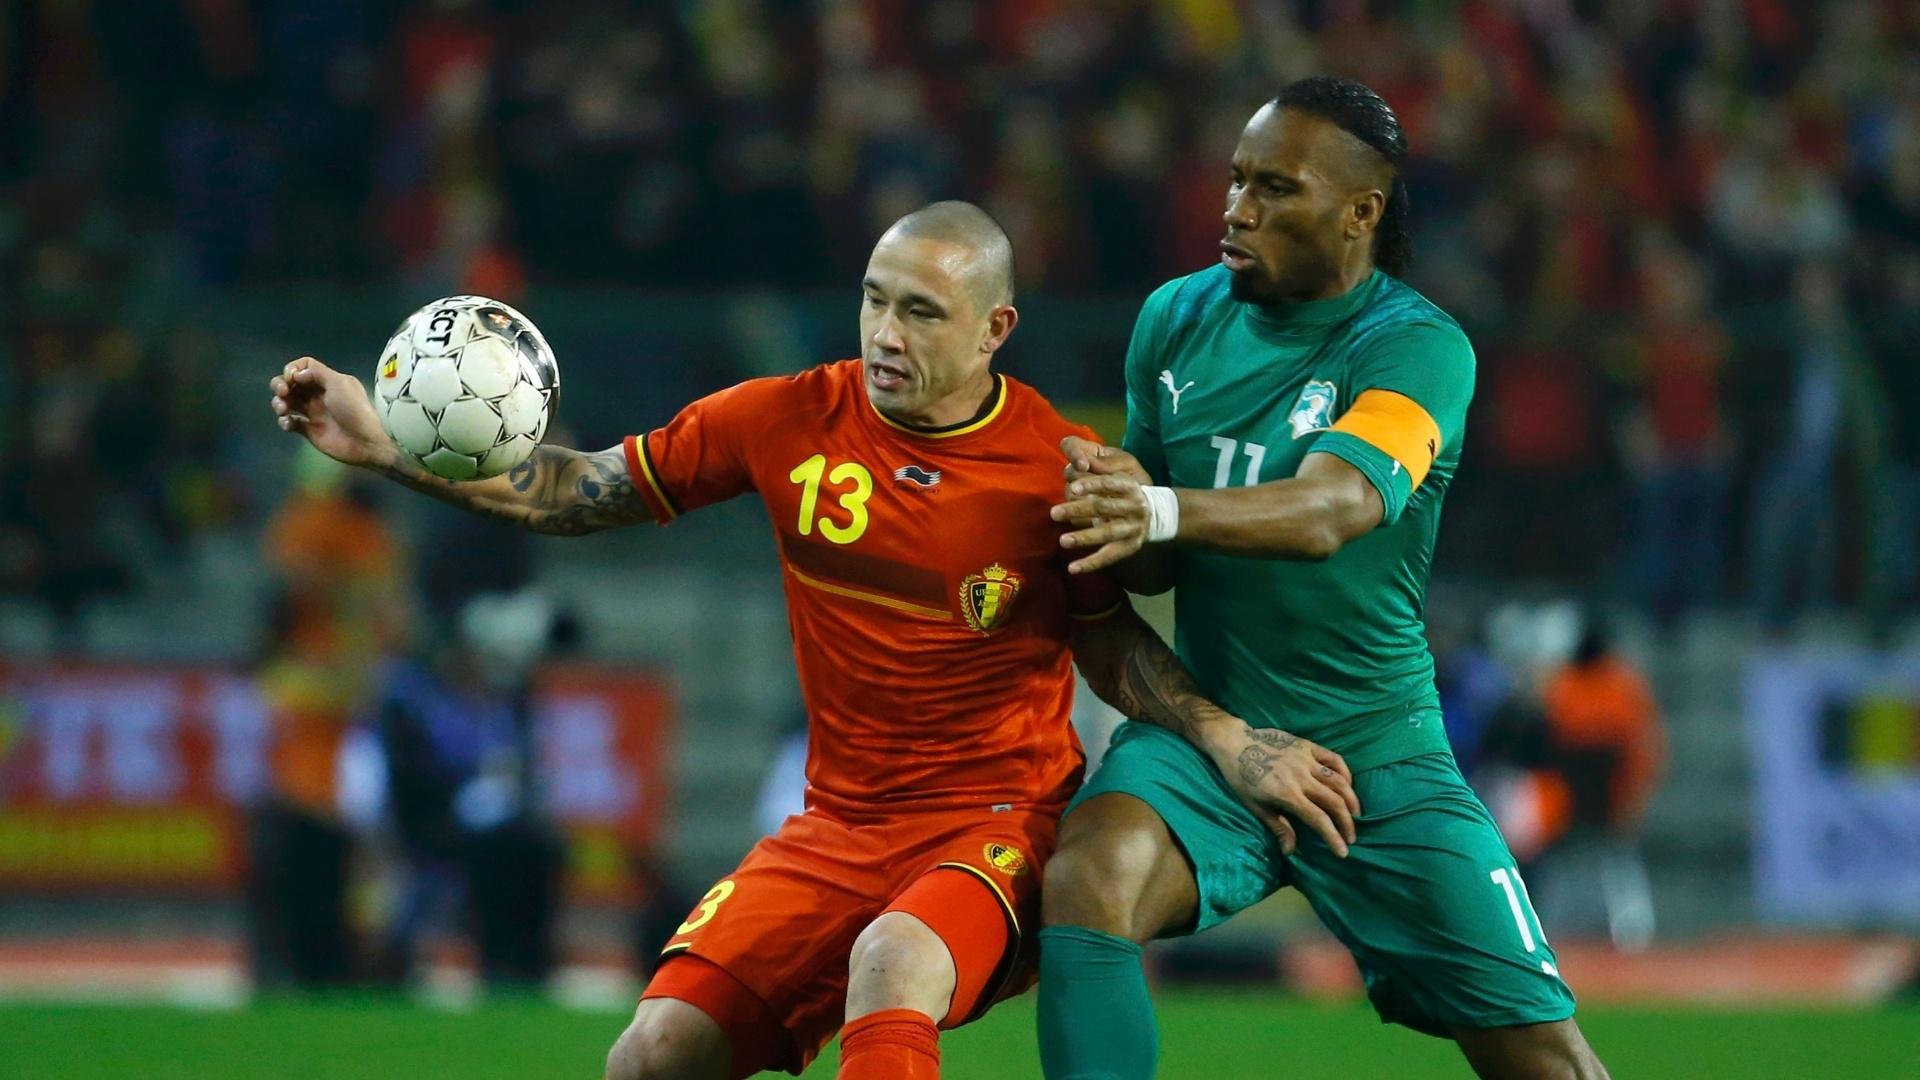 5.mar.2014 - Didier Drogba (d), da Costa do Marfim, tenta se livrar da marcação do belga Radja Nainggolan durante o empate por 2 a 2 entre as duas seleções, em amistoso disputado em Bruxelas